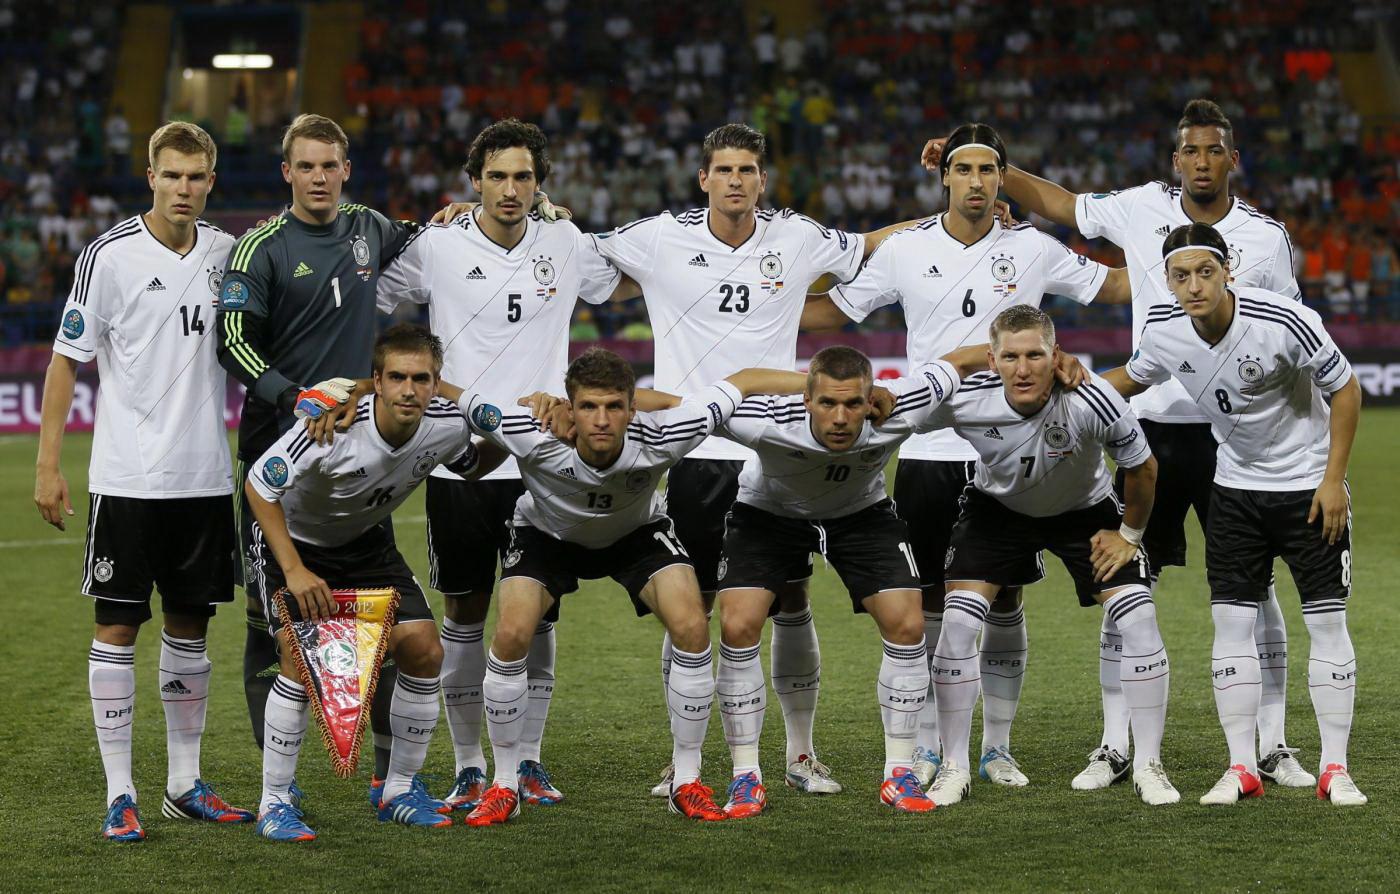 immigrati ber alles foto 4 di 13 giornalettismo On nazionale di calcio della germania